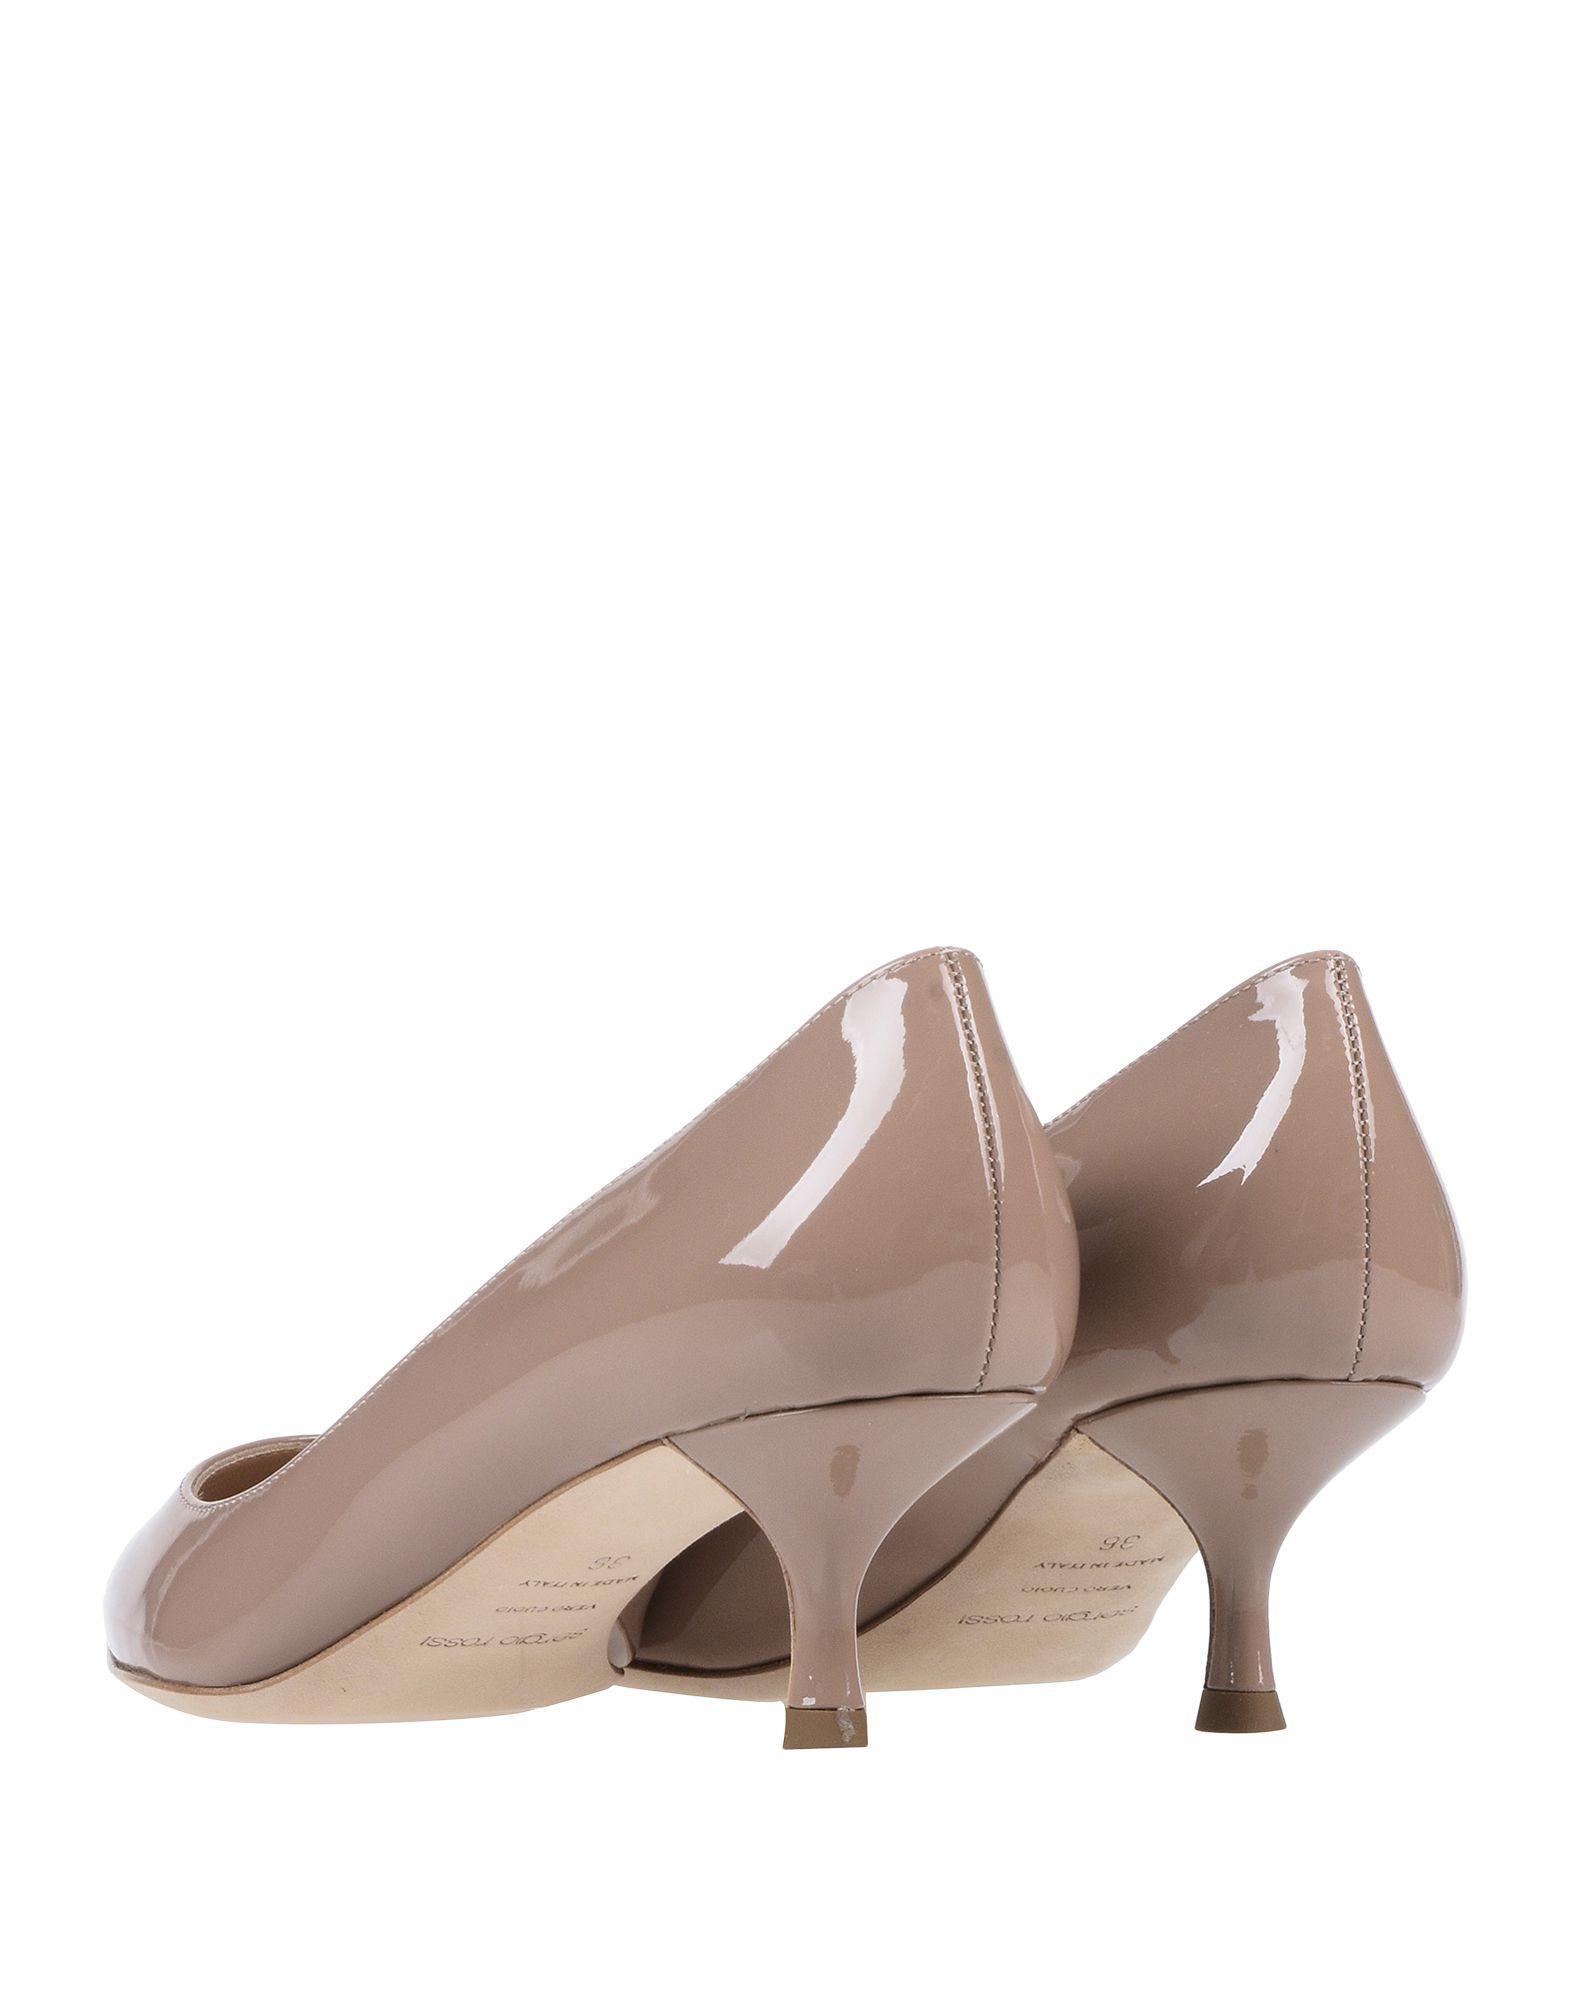 Zapatos de salón Sergio Rossi de Cuero de color Marrón